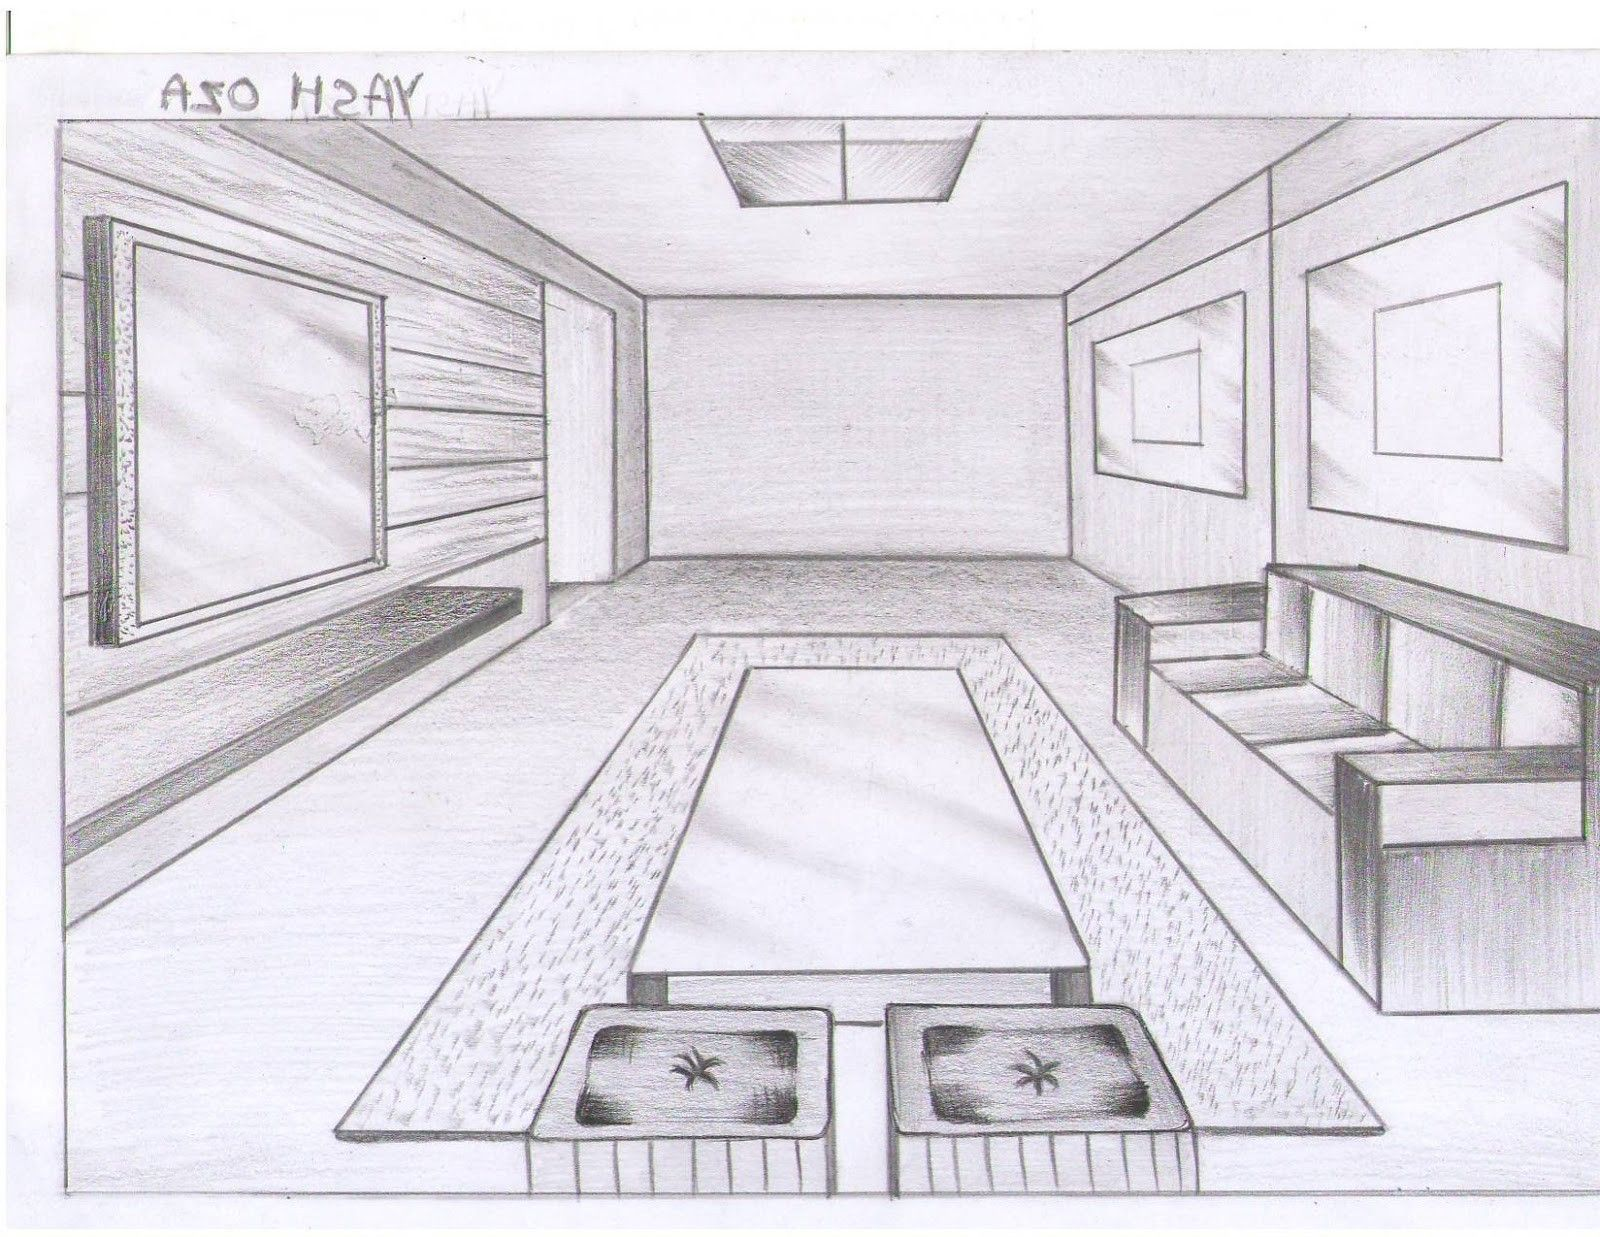 Pin By Verito Ramirez On Tecnicas De Dibujo Room Perspective